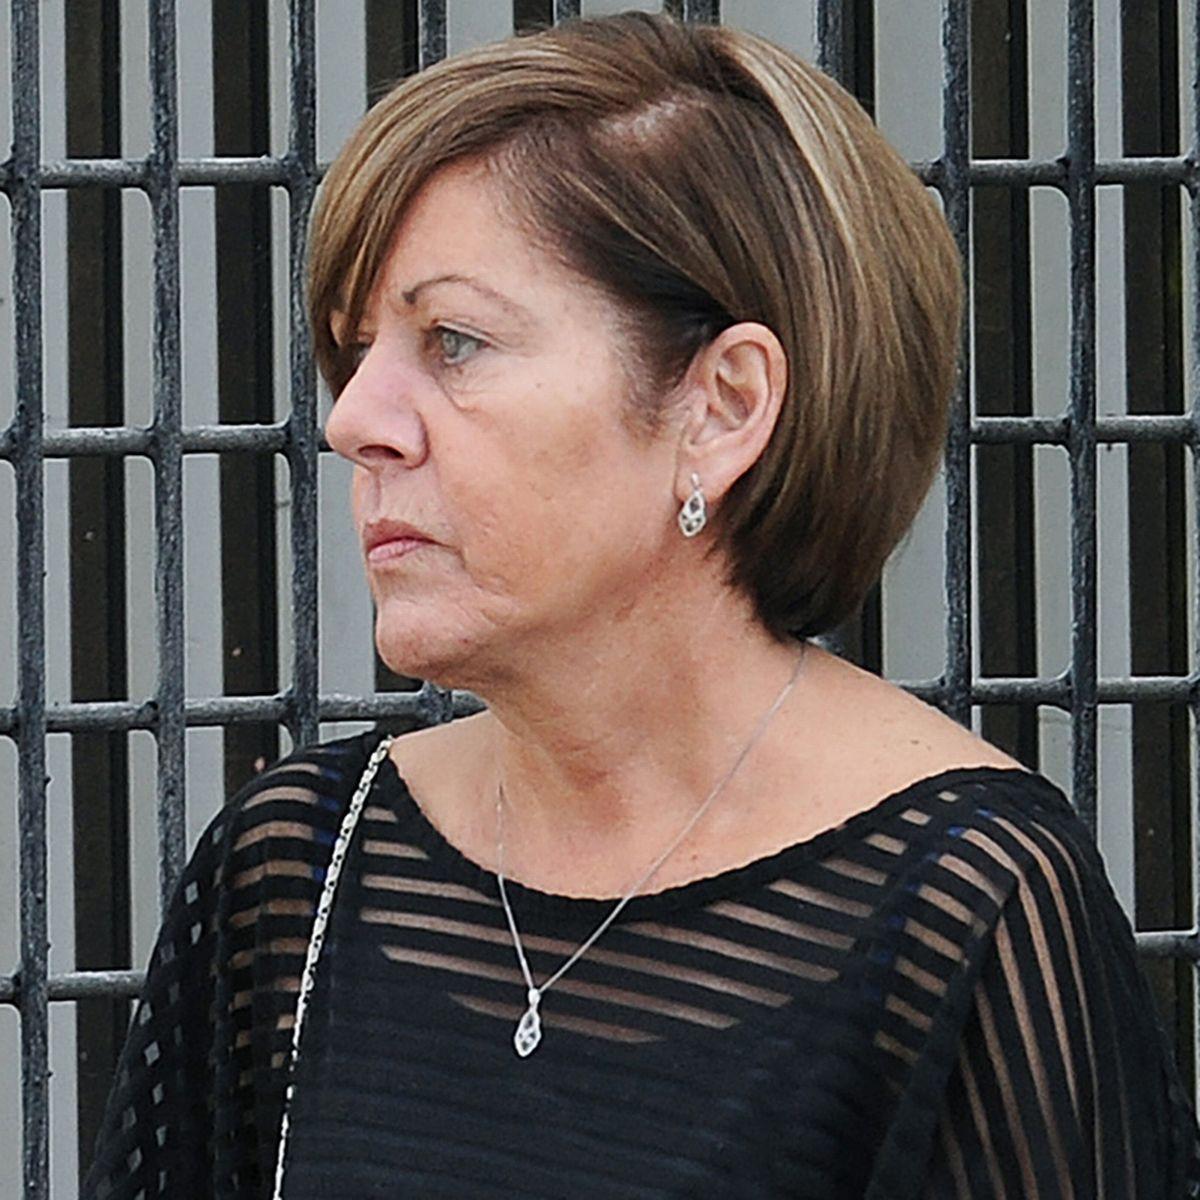 Margaret Loughrey Vittoria 27 Milioni Sterline Lotteria Suicidio